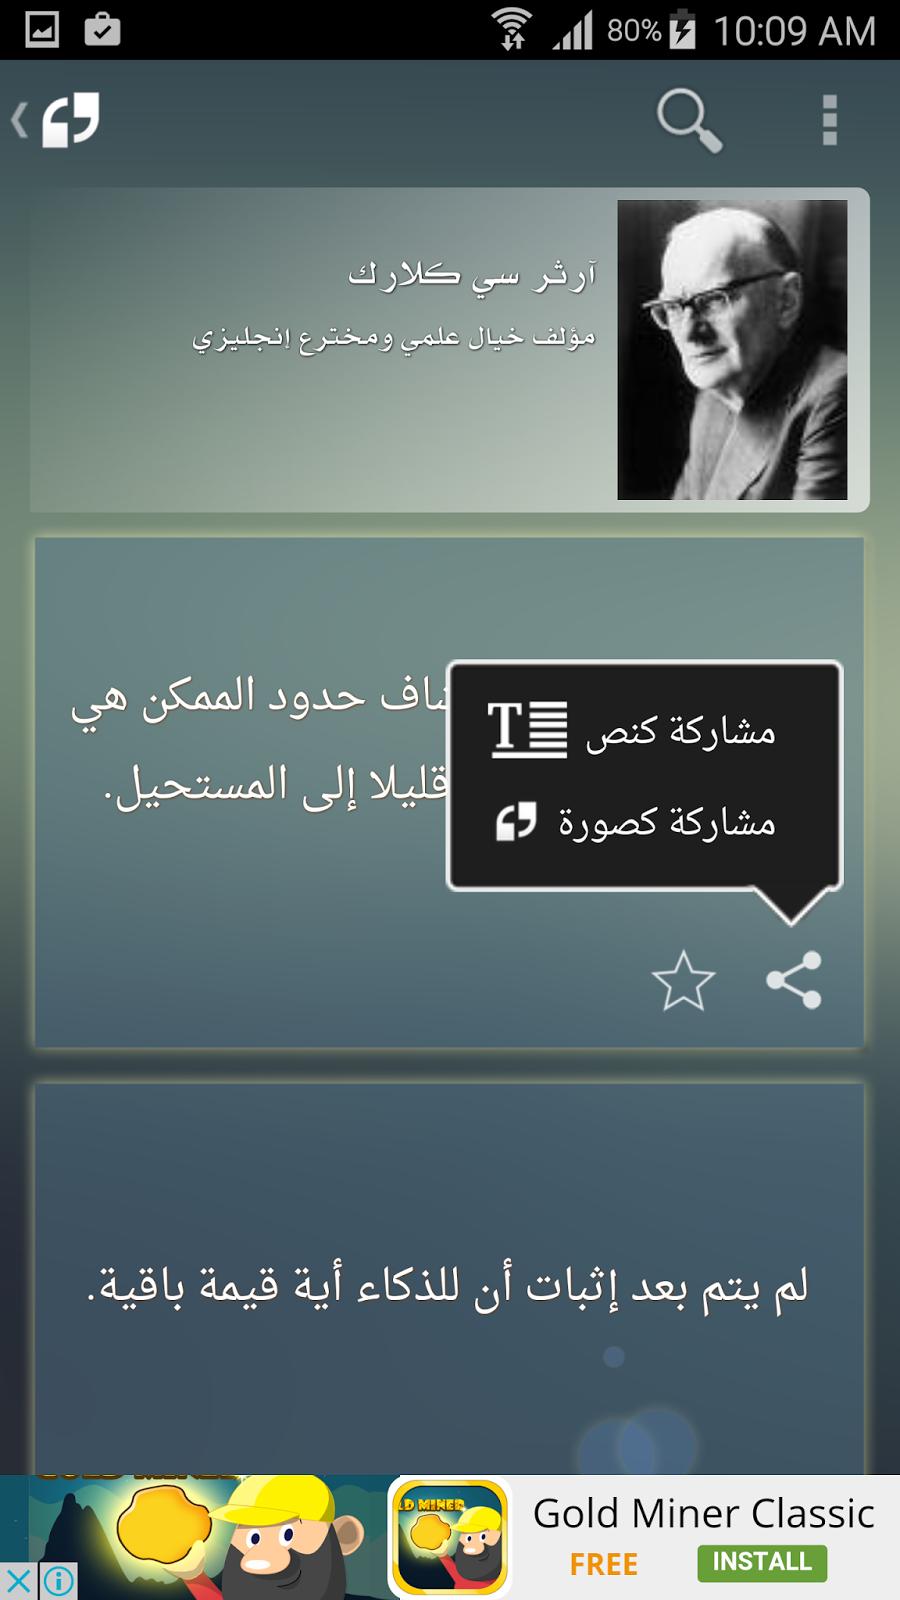 """تطبيق """" اقتباسات """" يجمع لك اهم الاقوال والحكم لمشاهير العالم   بحرية درويد"""